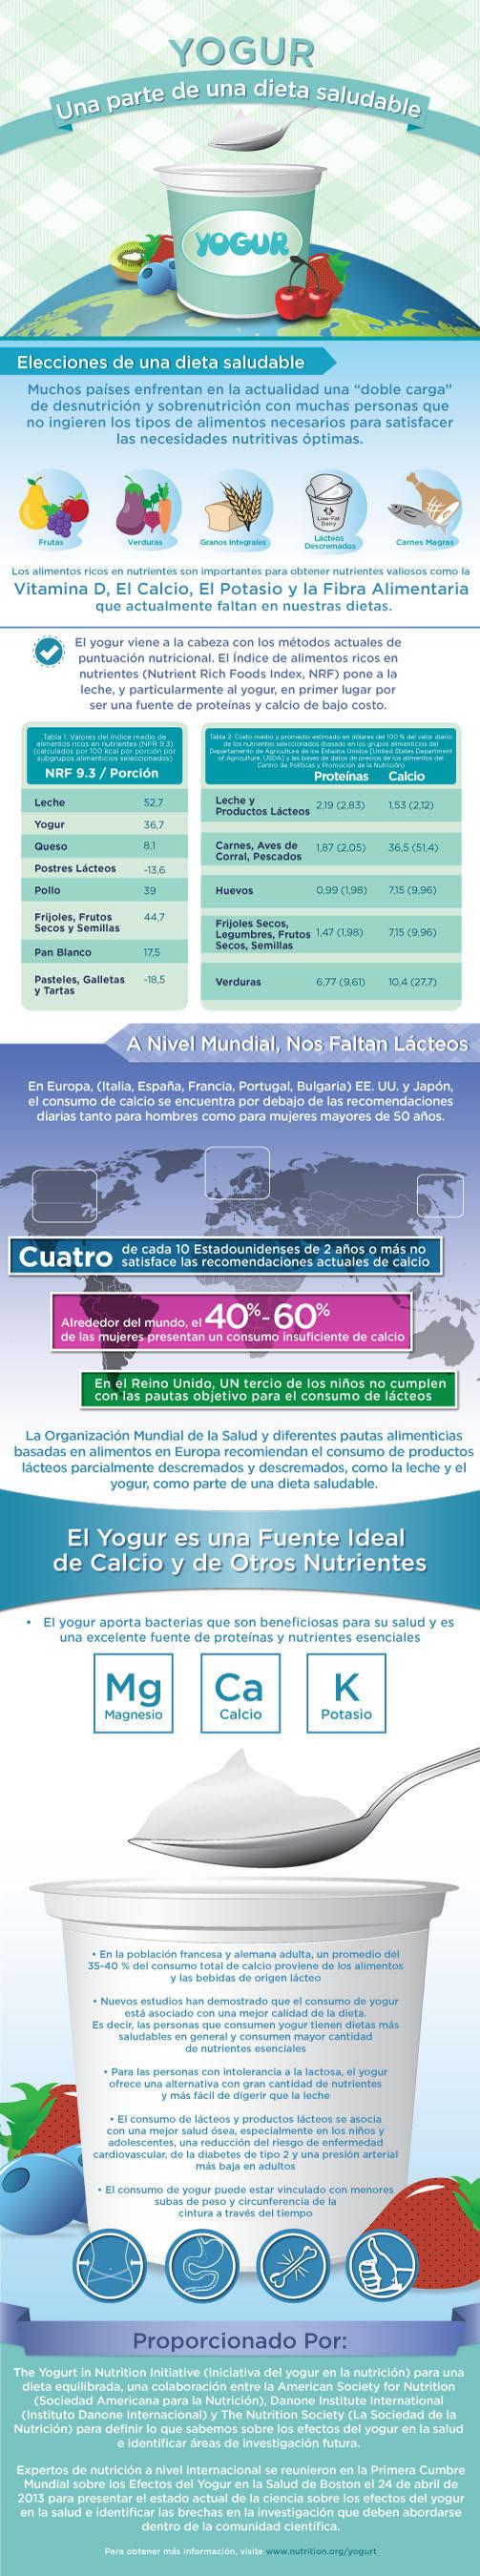 Efectos del yogur en el control del peso